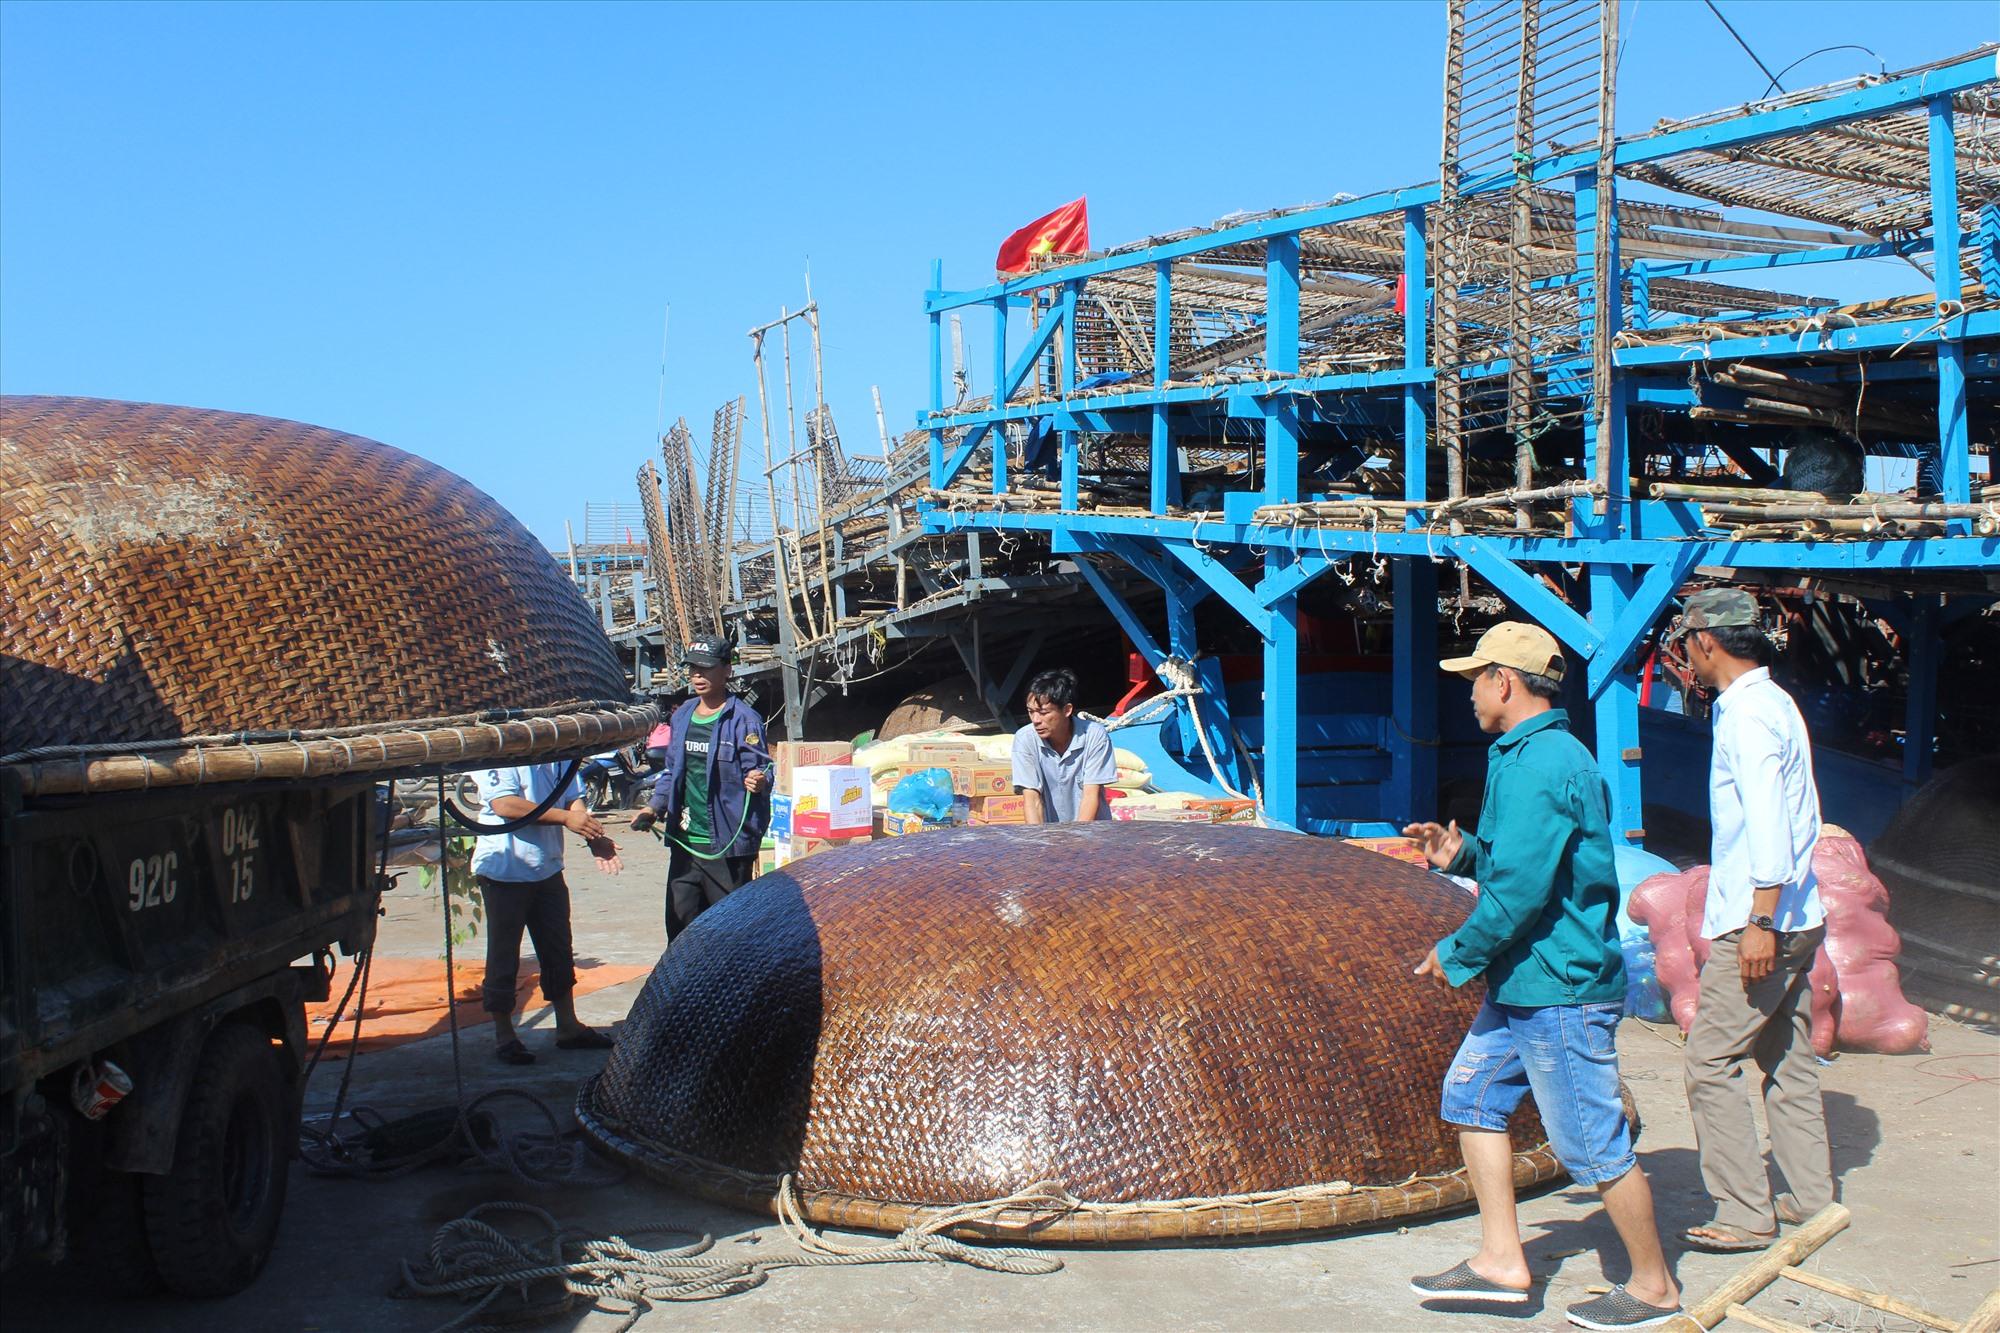 Tàu câu mực khơi của ngư dân Núi Thành chuẩn bị xuất bến cảng An Hòa. Ảnh: V.PHIN